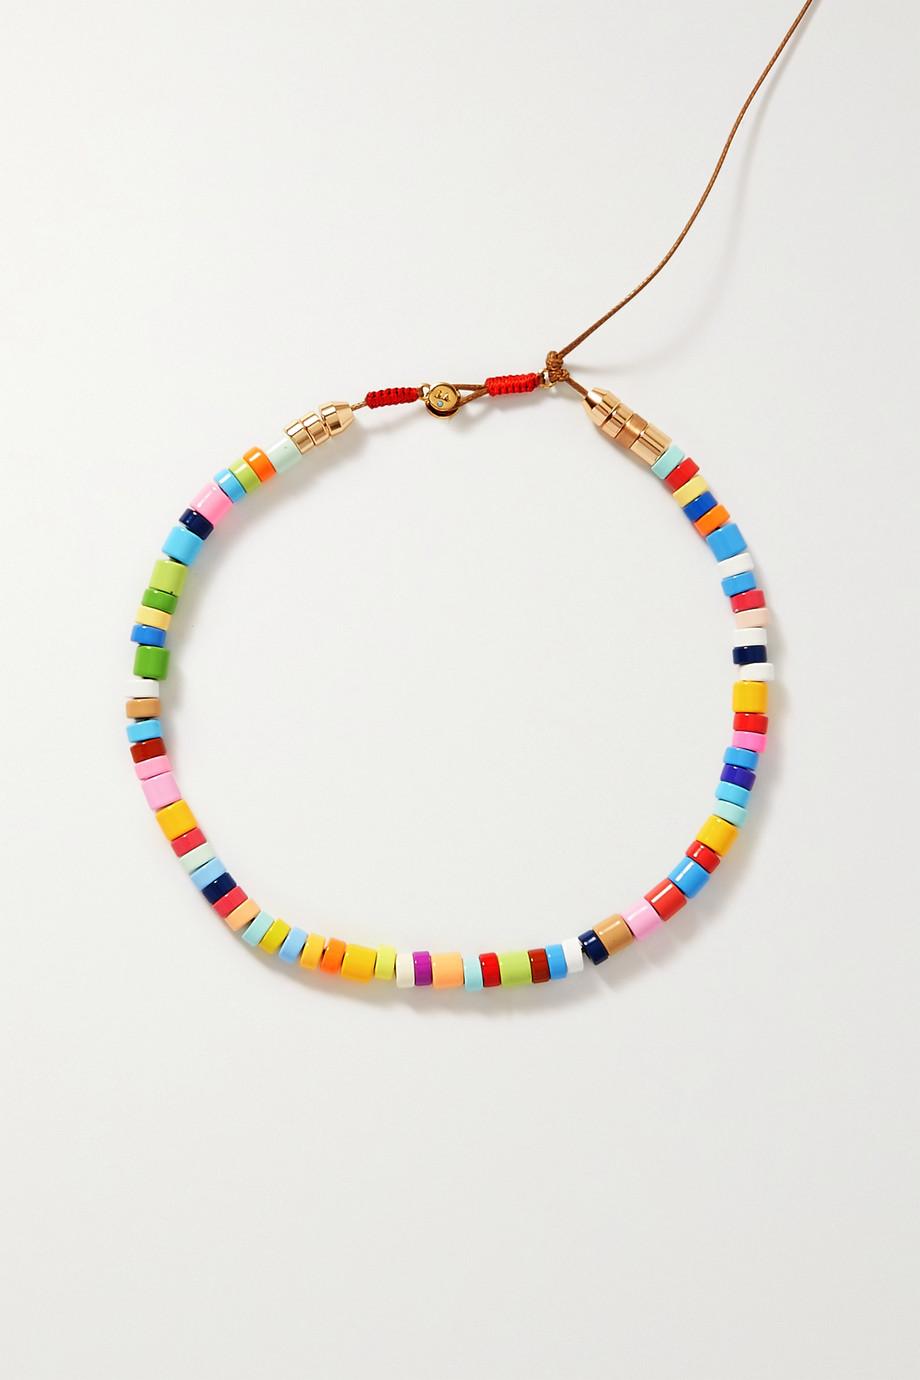 Roxanne Assoulin Candy Kettenset mit Kordel, Emaille und goldfarbenen Details